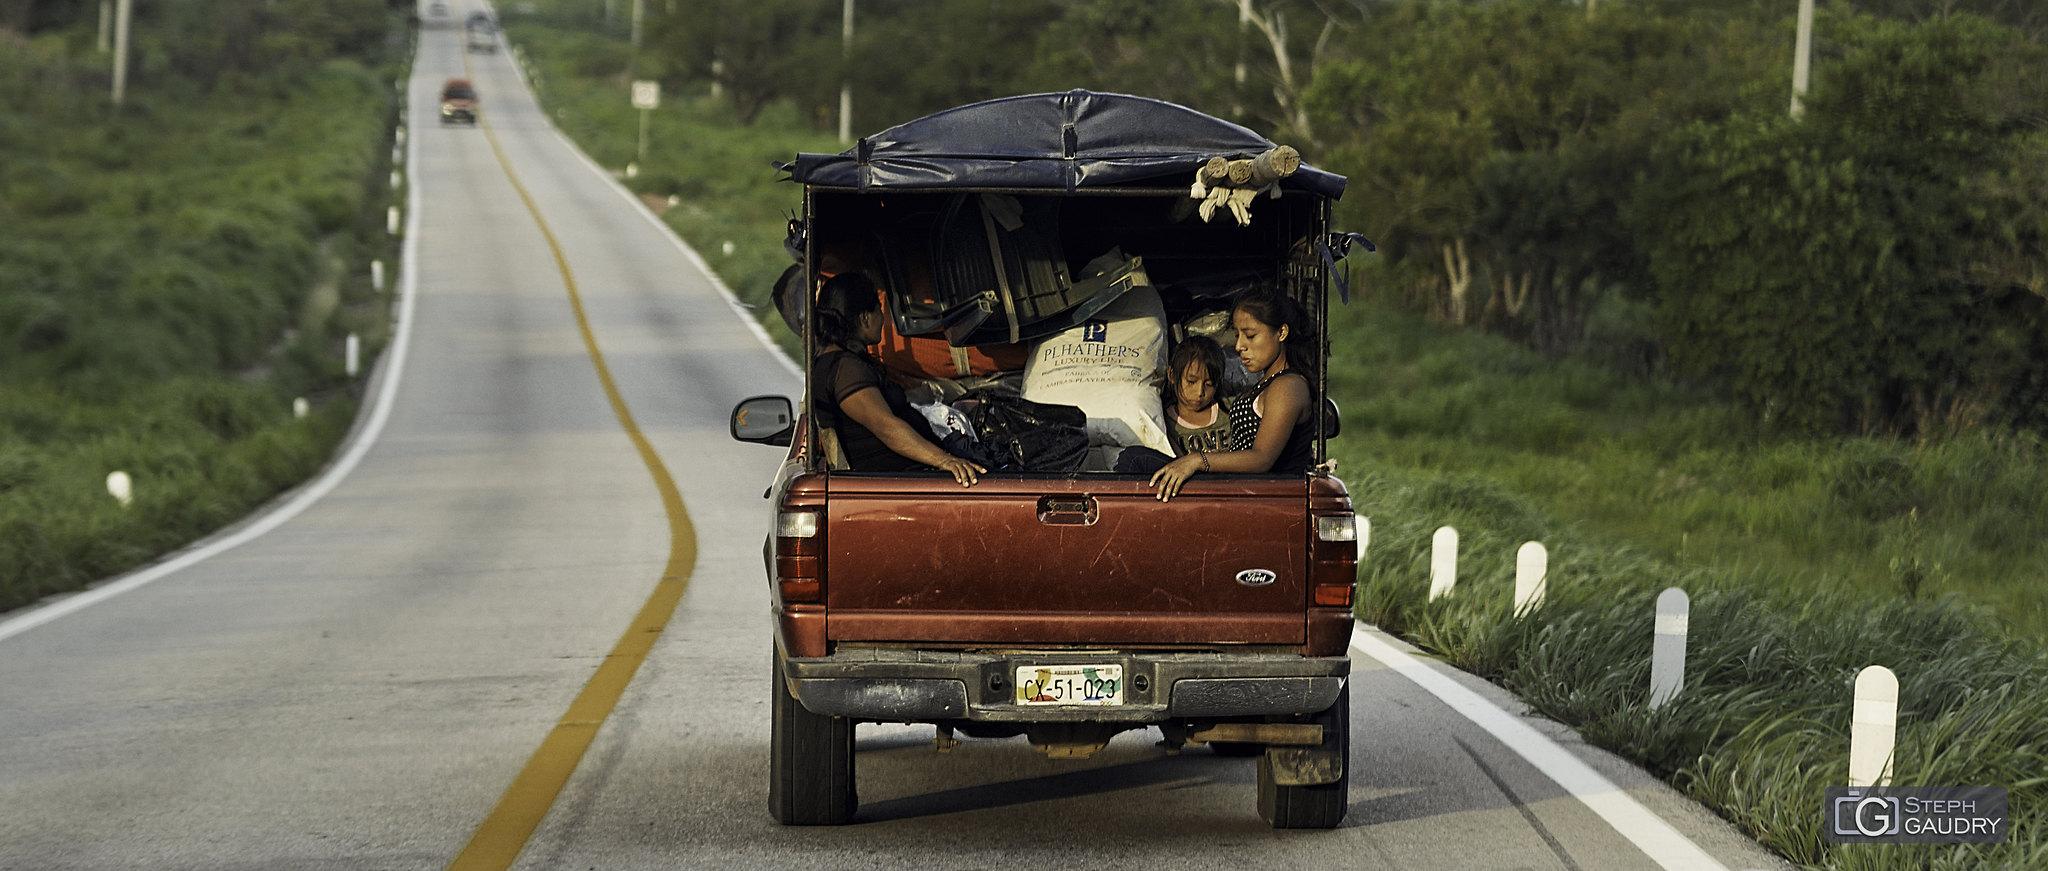 Sur la route de Chiapas (MEX) [Klicken Sie hier, um die Diashow zu starten]